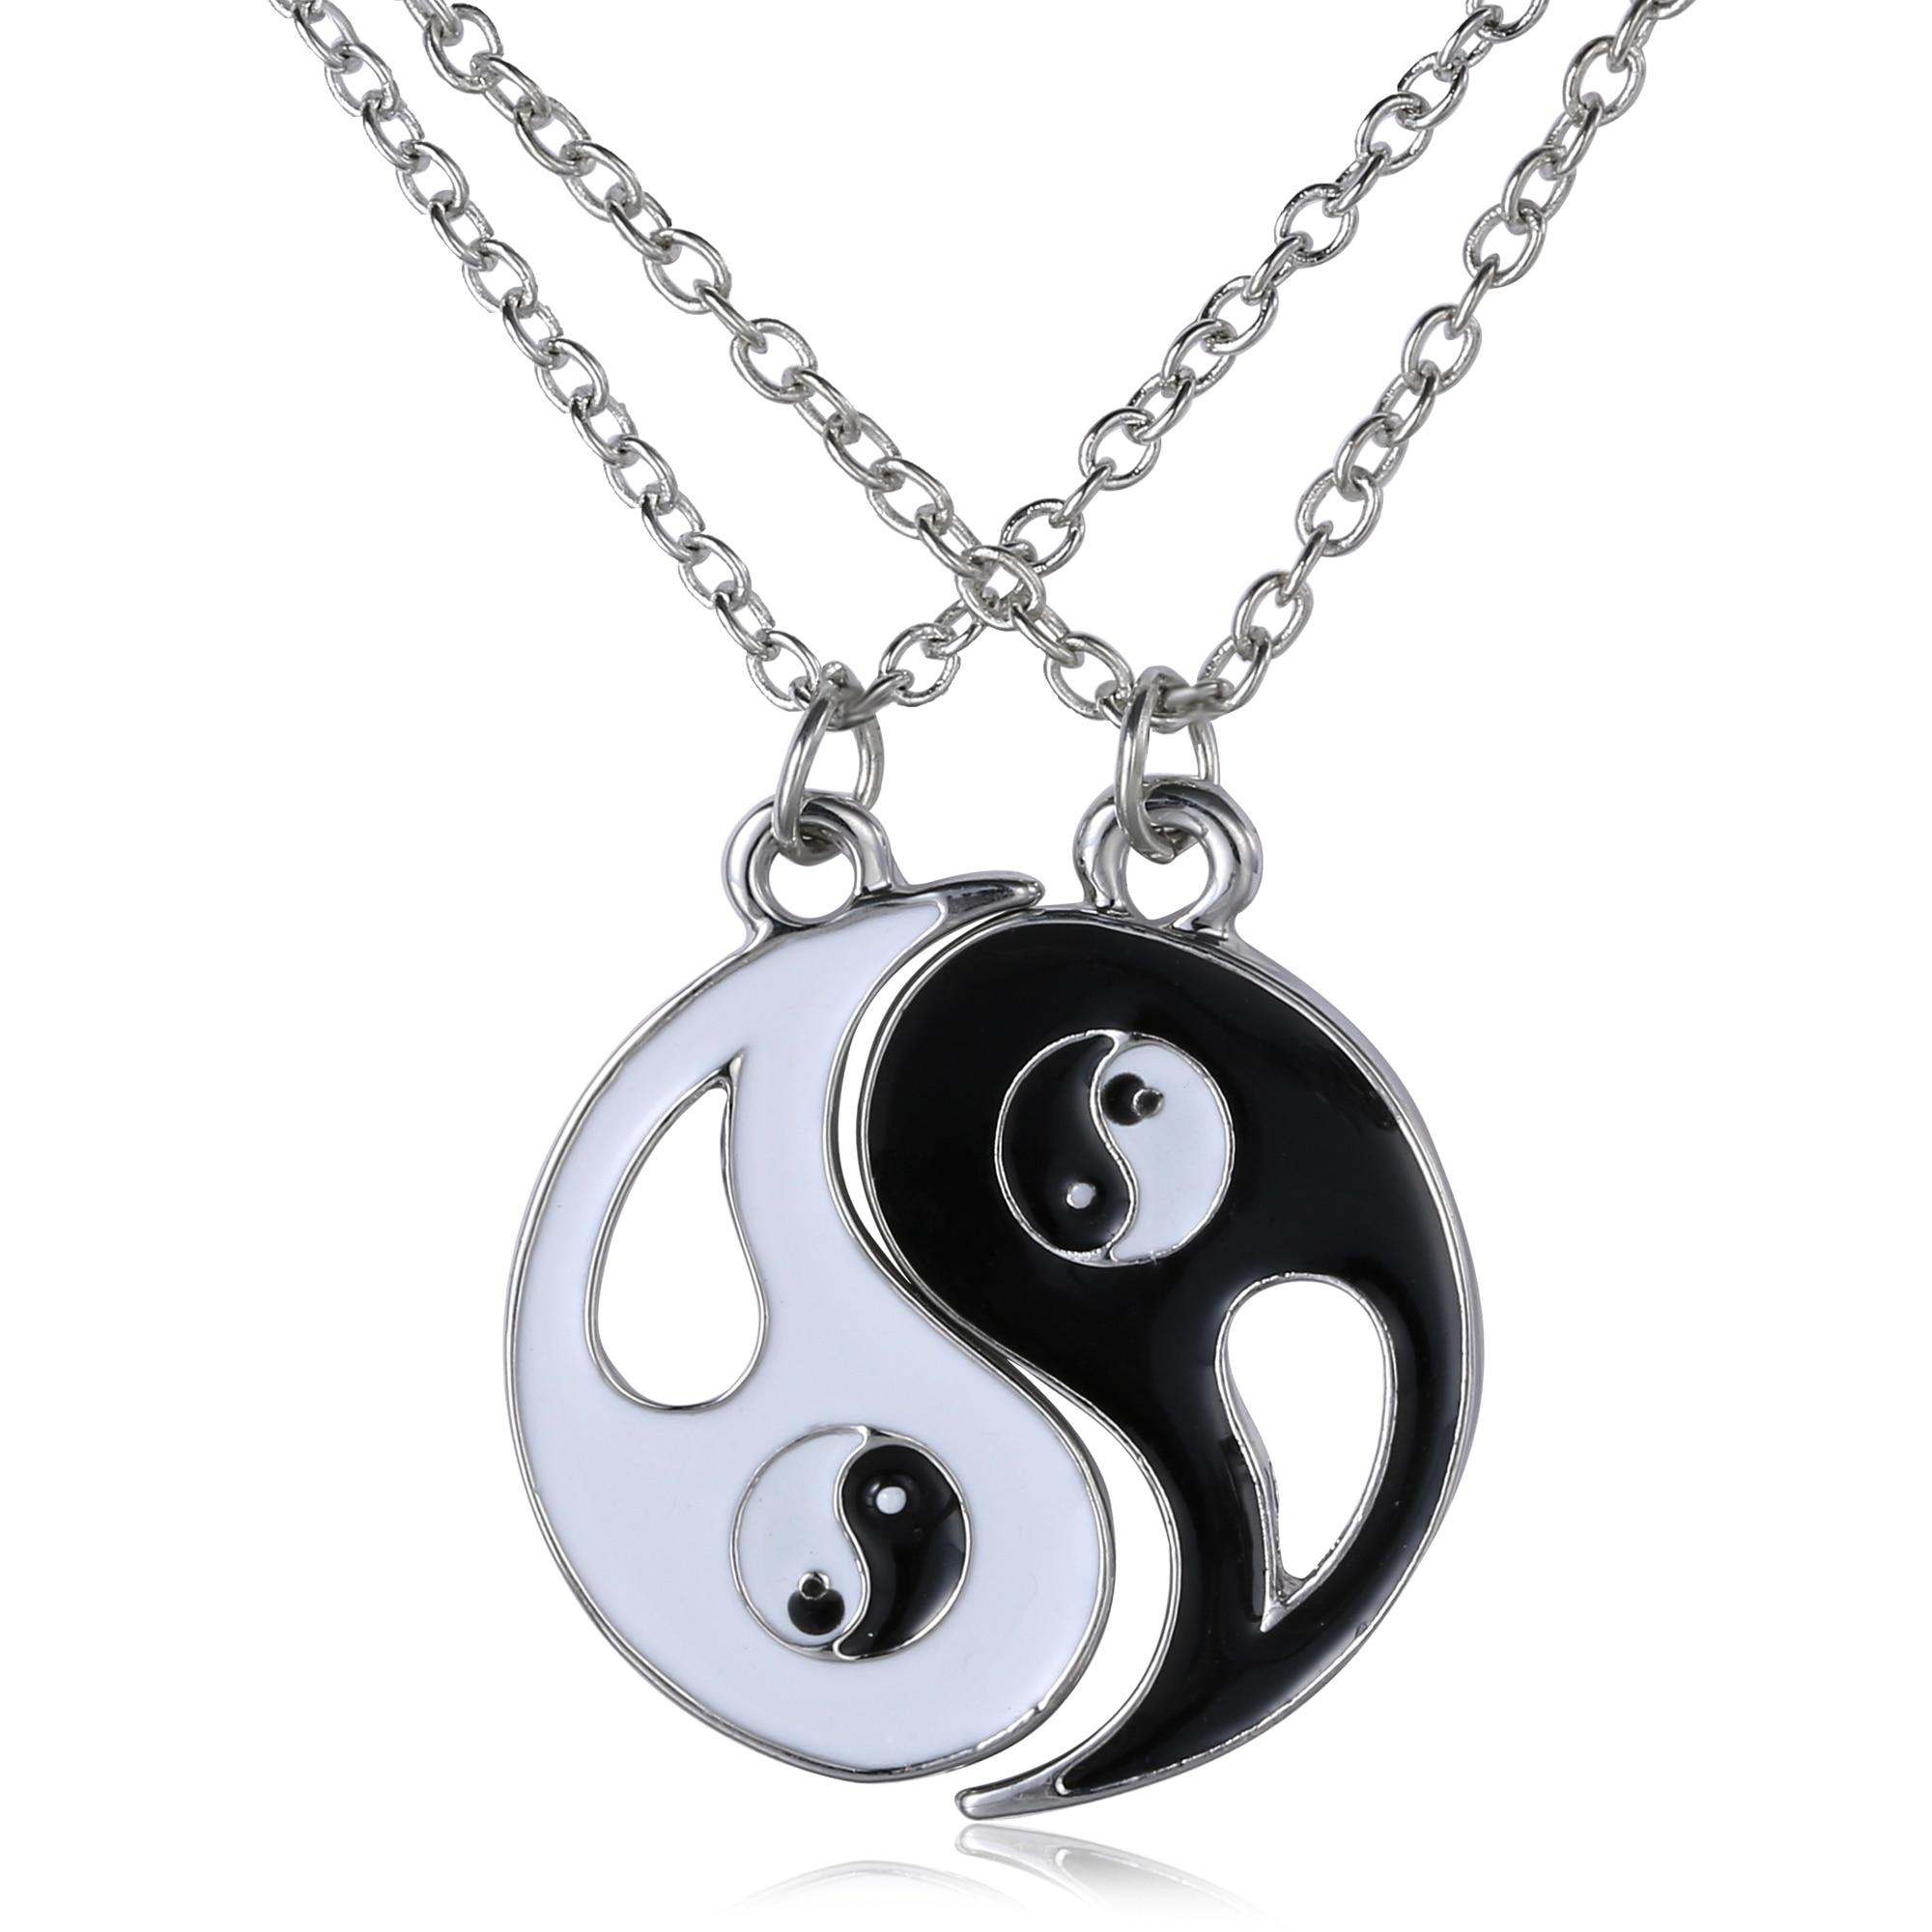 Огрлица 2П Иин Ианг Привезак Црна Бијели Пар Сестрински Пријатељство Накит Јединствени персонализовани поклони